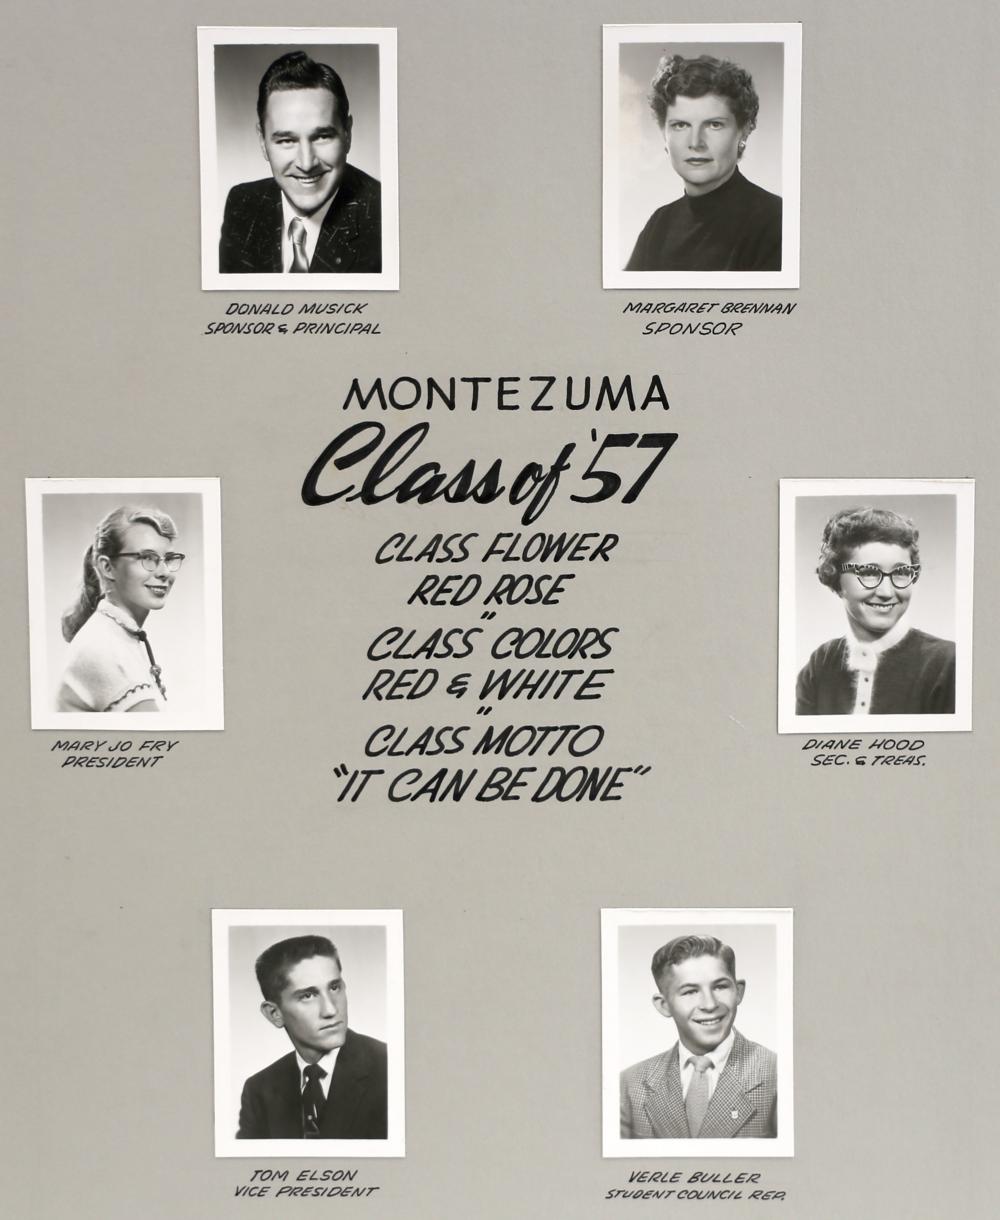 Montezuma GC 1957